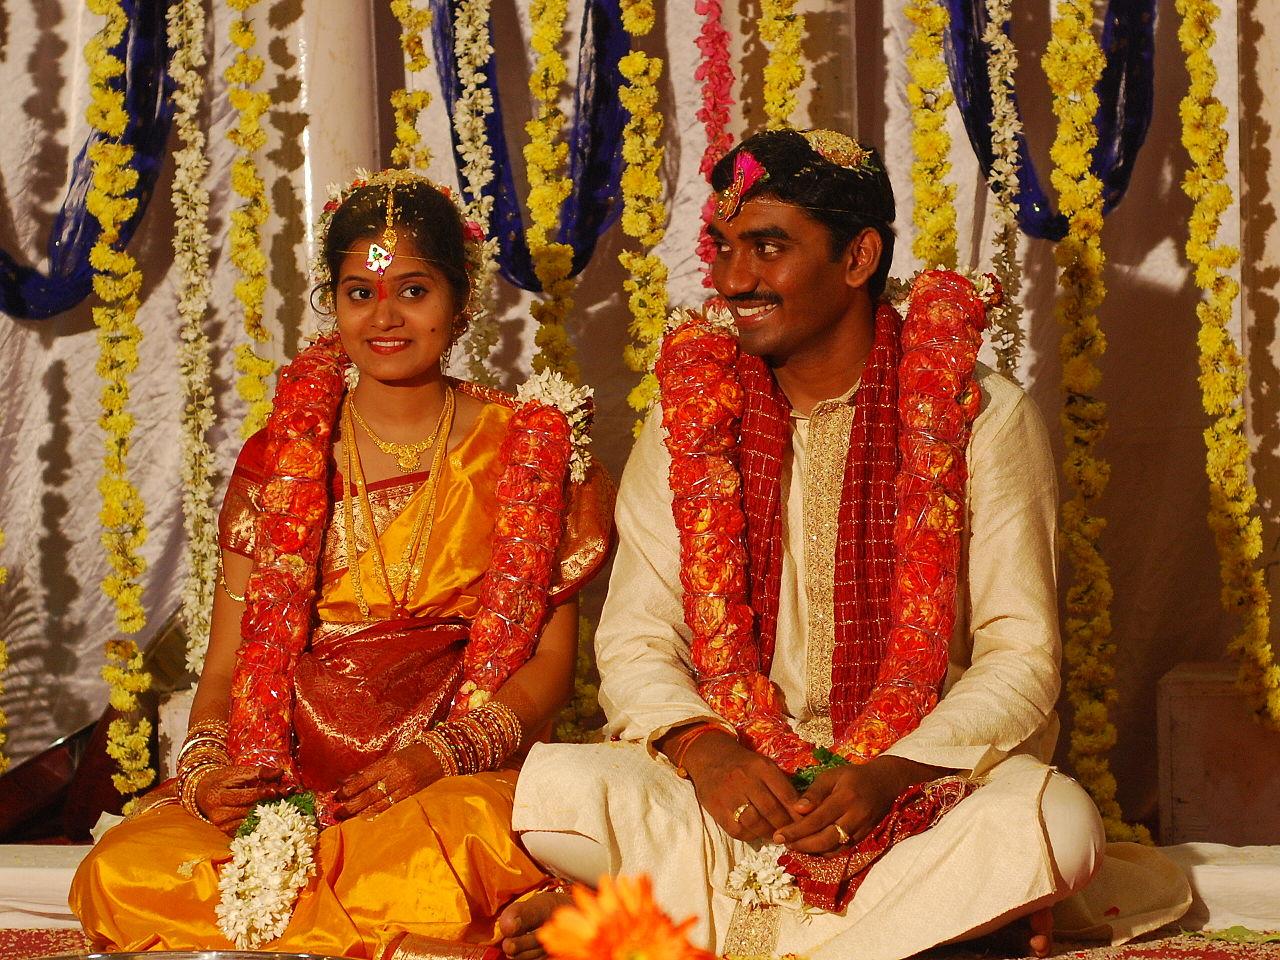 Un giro intorno al mondo con 5 abiti da sposa tradizionali